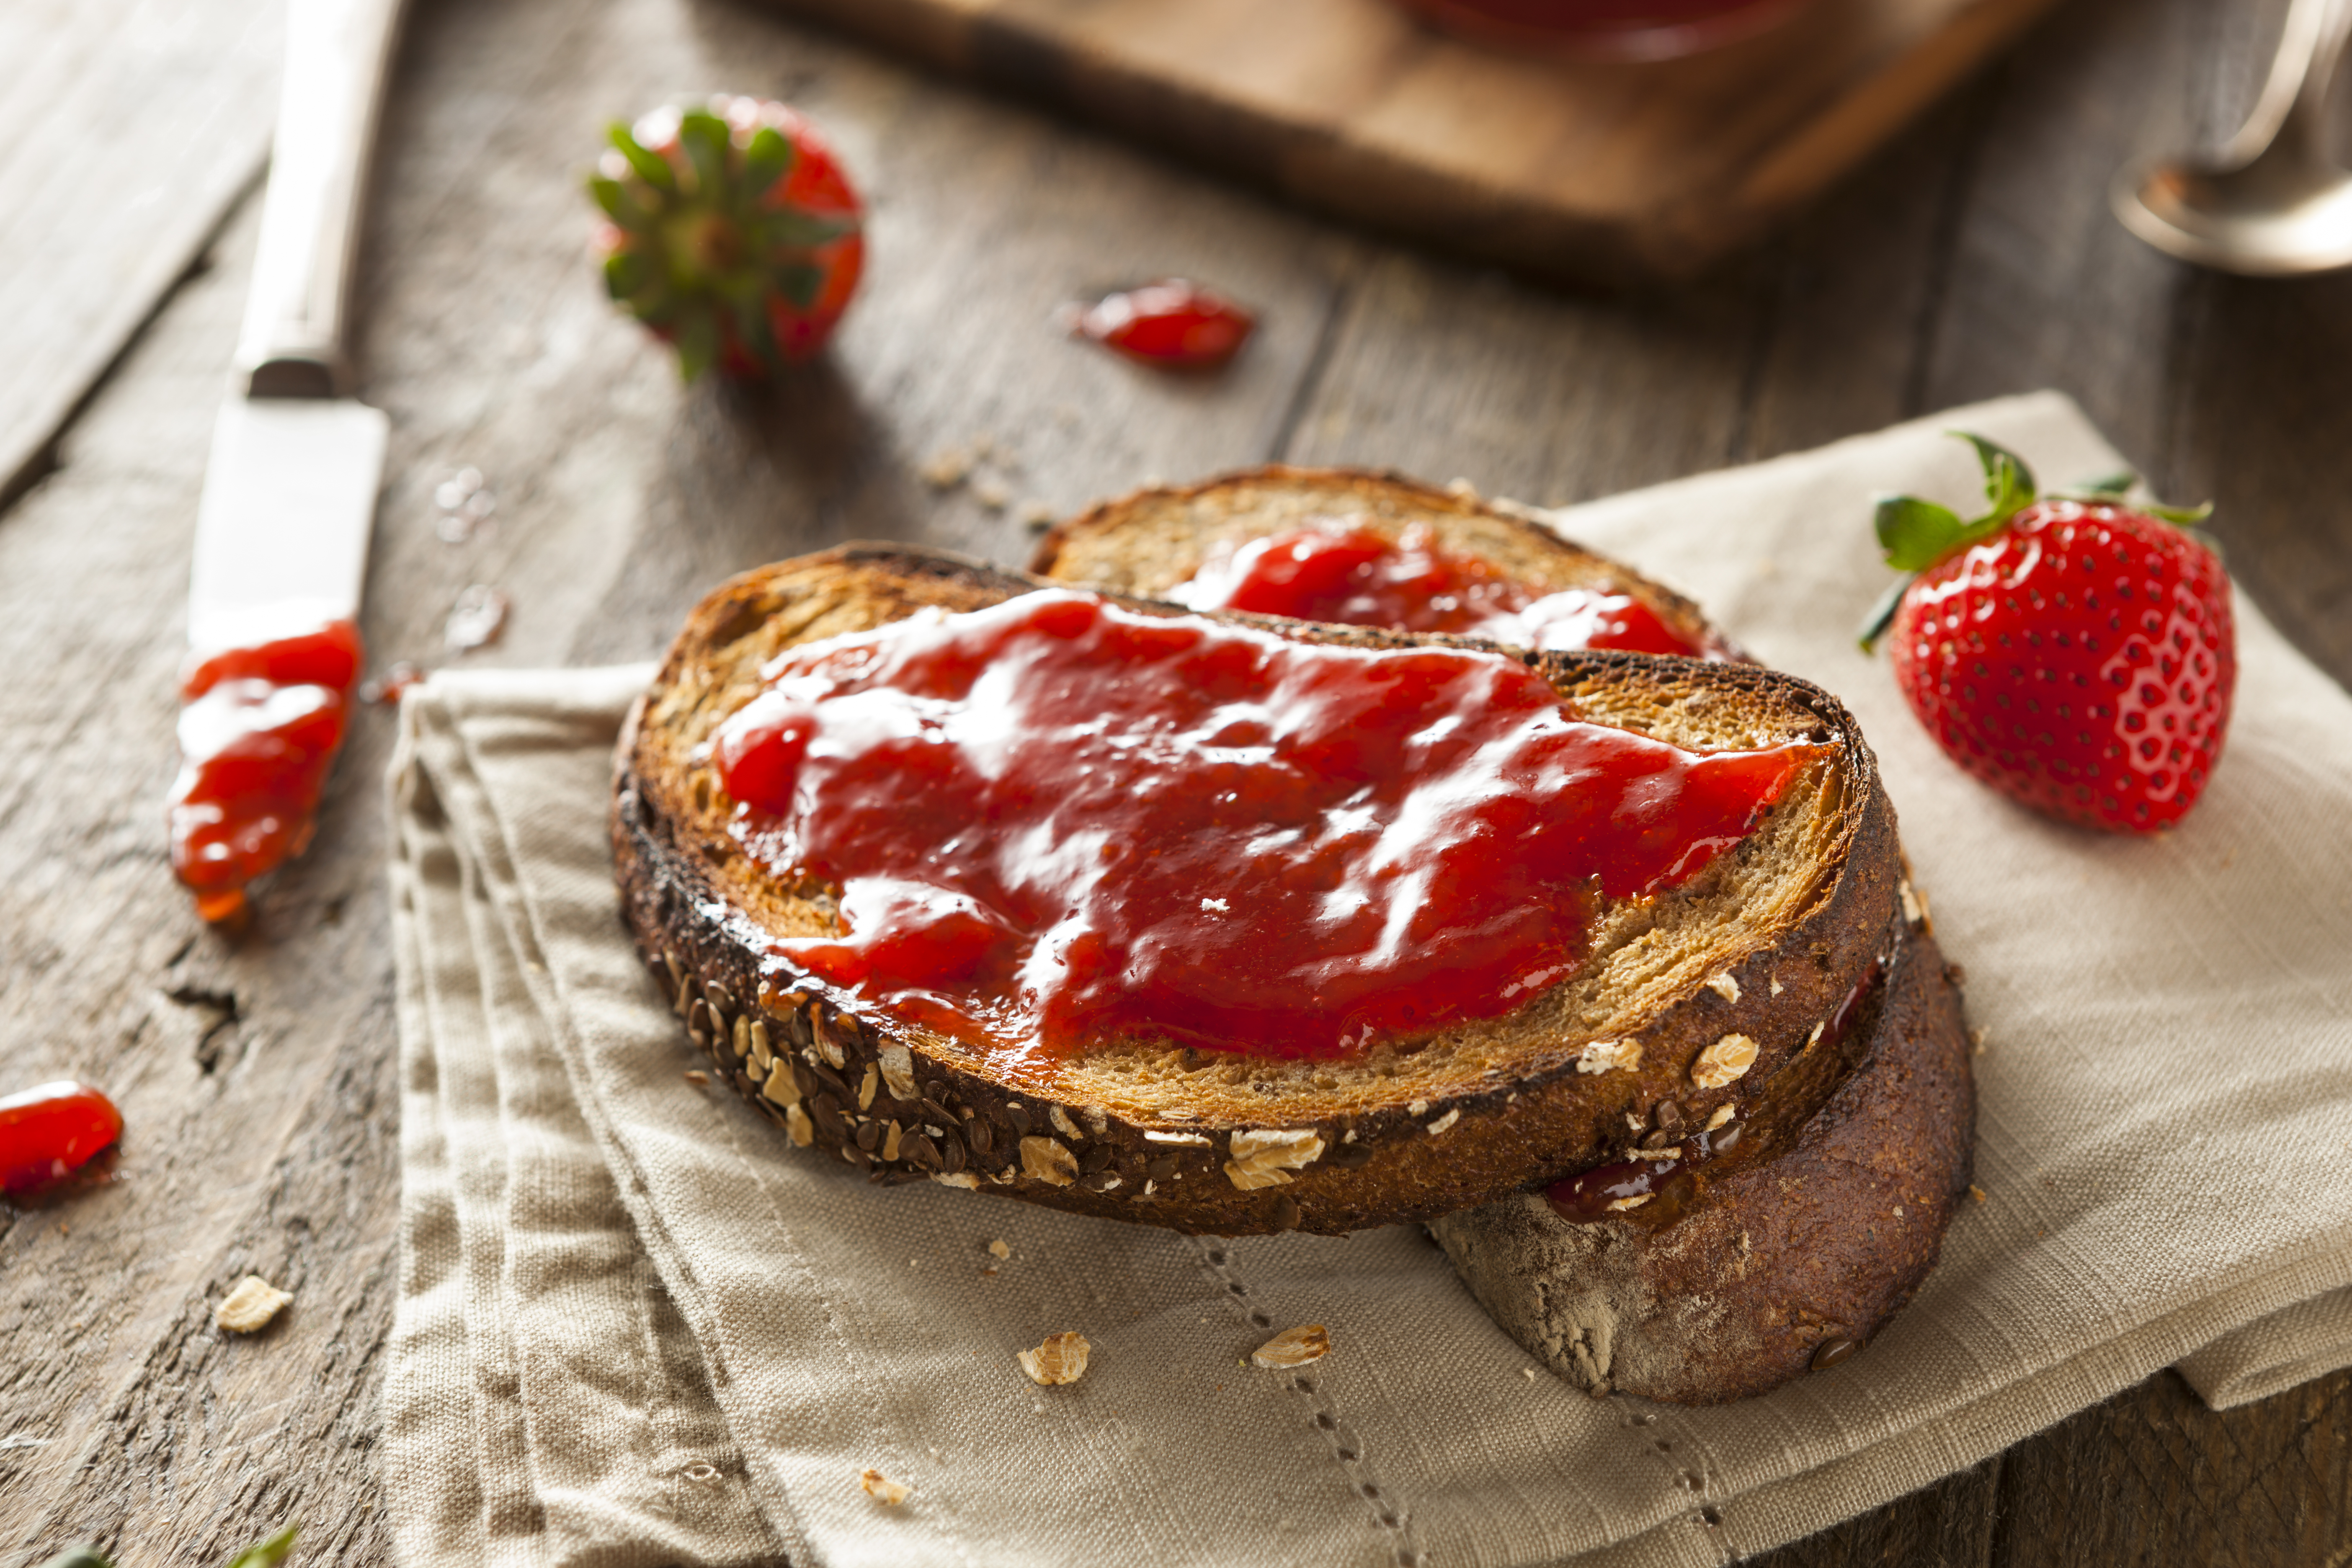 <p><strong>Хляб и конфитюр</strong></p>  <p>Особено неподходяща е комбинацията от бял хляб и конфитюр, защото простите въглехидрати, които съдържа конфитюра рязко вдигат захарта в кръвта, а белия хляб има и висок гликемичен индекс.Гликемичният индекс (GI) е цифрова скала, която показва колко бързо и колко високо определена храна може да повиши нашата кръвна глюкоза (кръвна захар).</p>  <p>Но не е добра и комбинацията от пълнозърнест хляб и конфитюр, защото изследванията показват, че този хляб доста вдига захарта. Резките скокове на захар в кръвта увреждат панкреаса, а също така водят и до енергийно неразположение, защото следват резки спадове. Вместо конфитюр, намажете хляба с масло, което според по-нови изследвания, все още е сред здравословните храни, а освен това значително ще забави темпото, с което захарта от хляба достига до кръвта.</p>